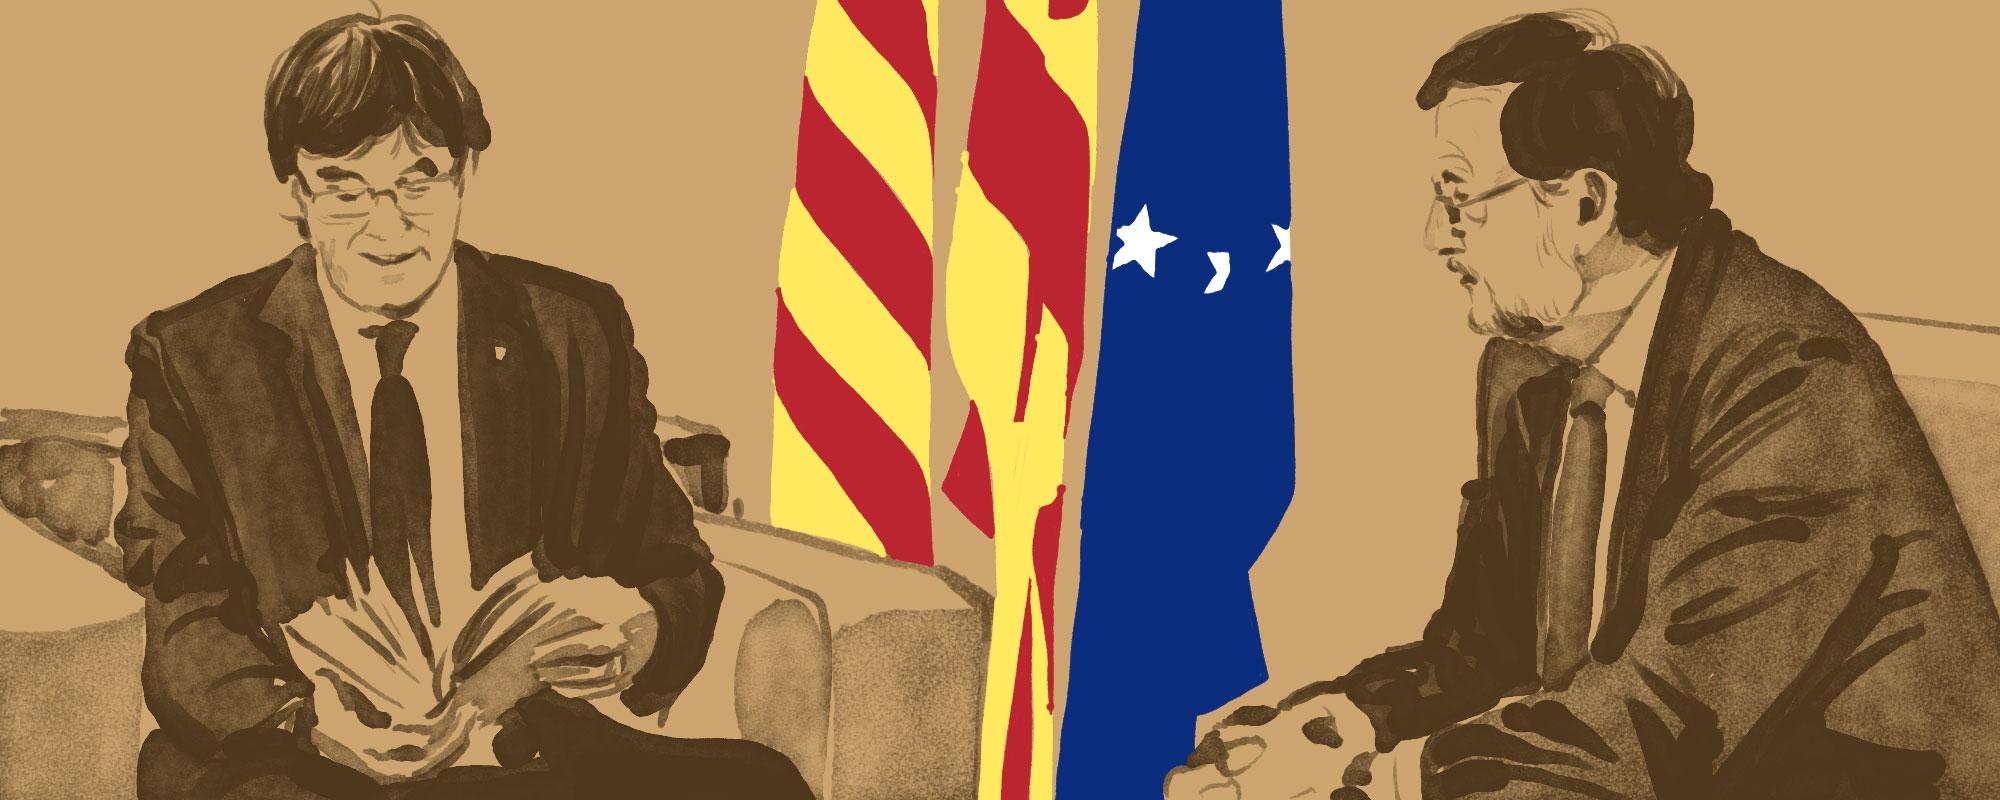 Catalunya-Espanya: del conflicte al diàleg polític? Dossier especial de la revista IDEES